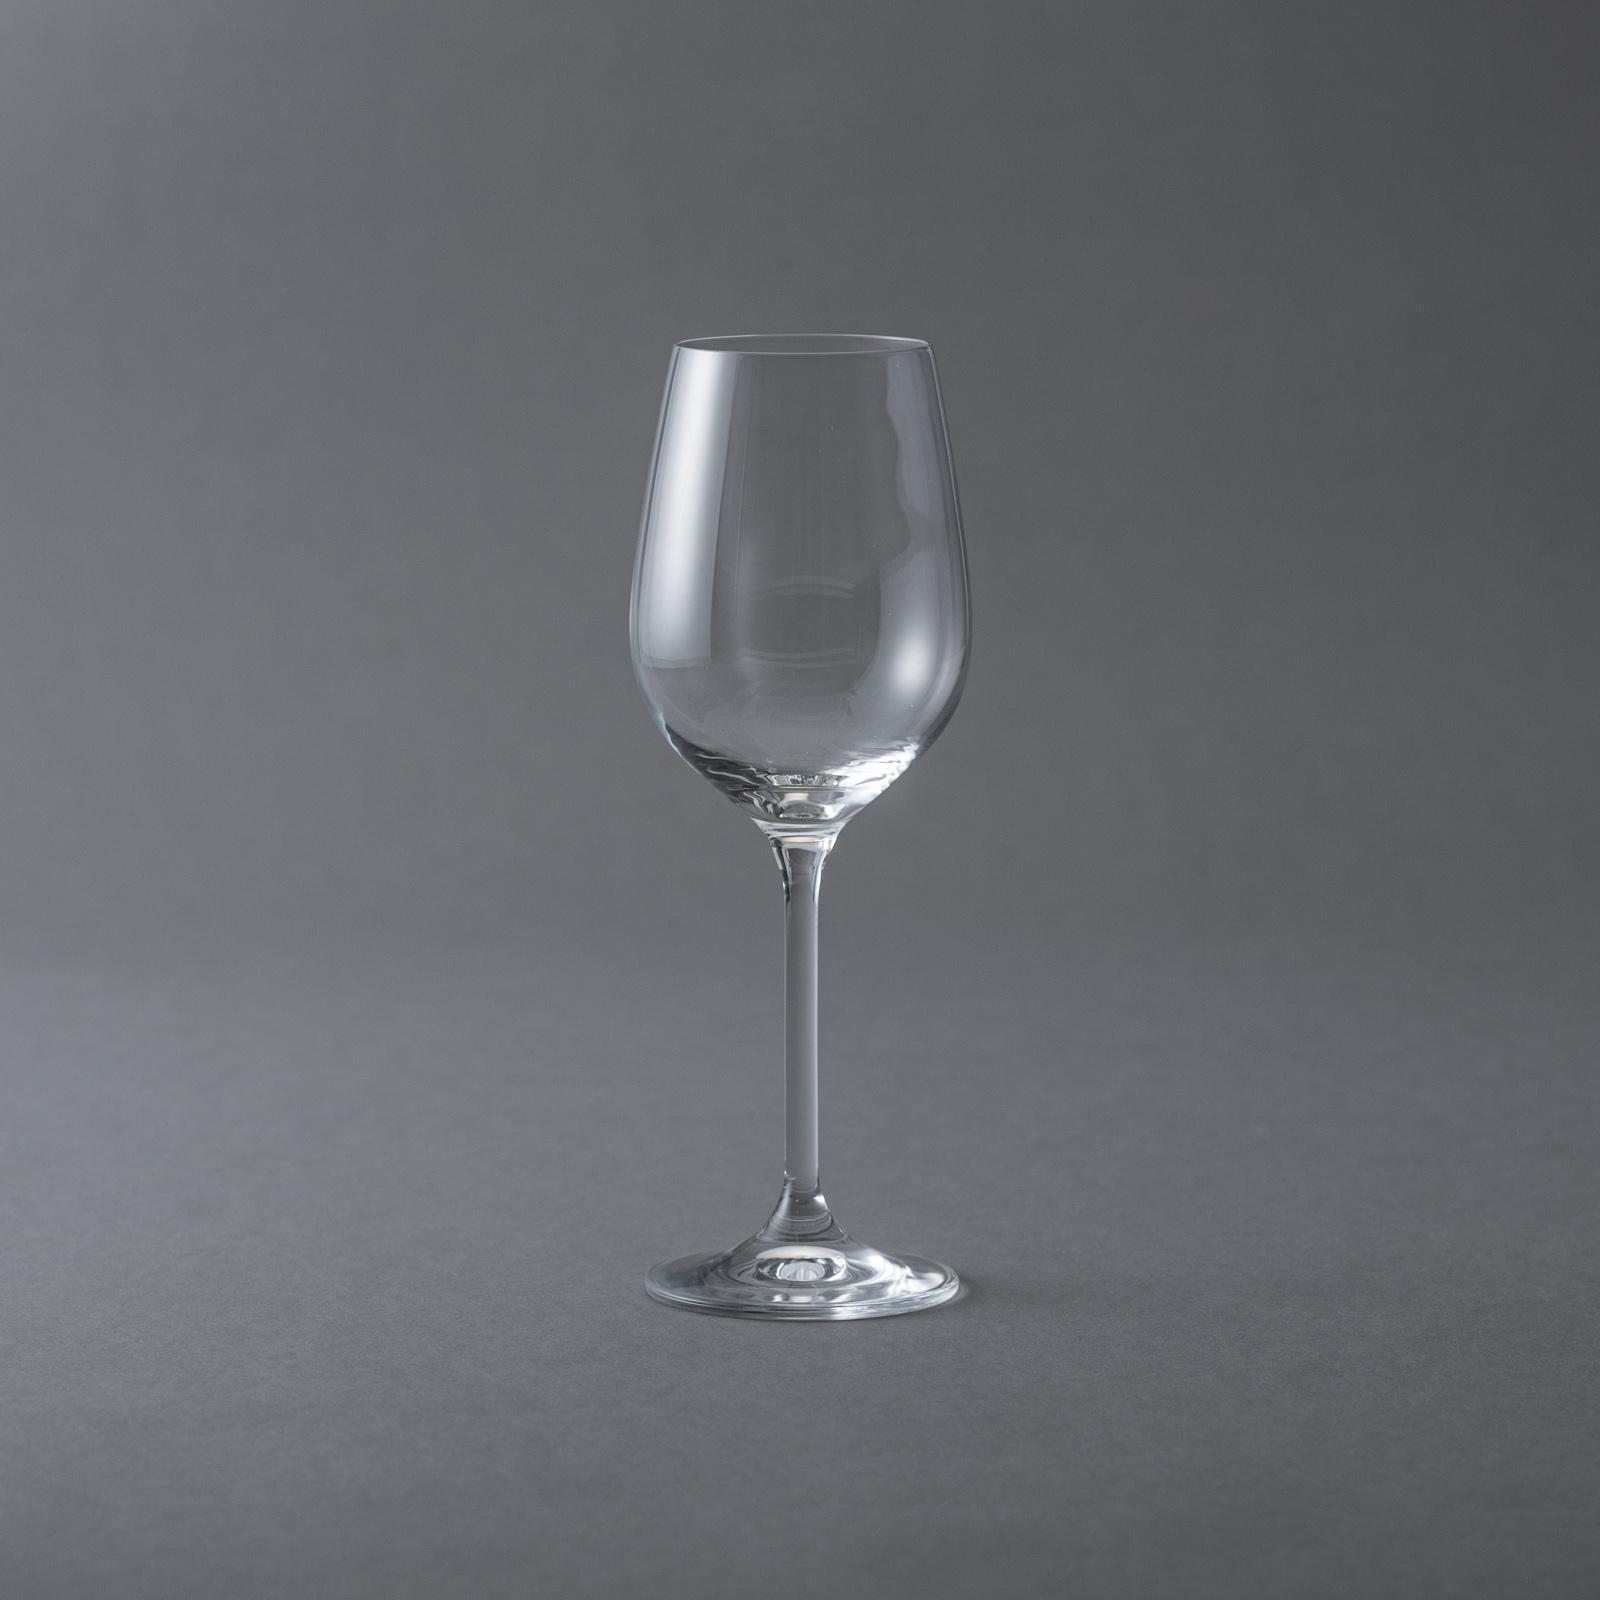 BOHEMIA Cristal _ グラングルメ / ワイングラス(350ml) ホワイト